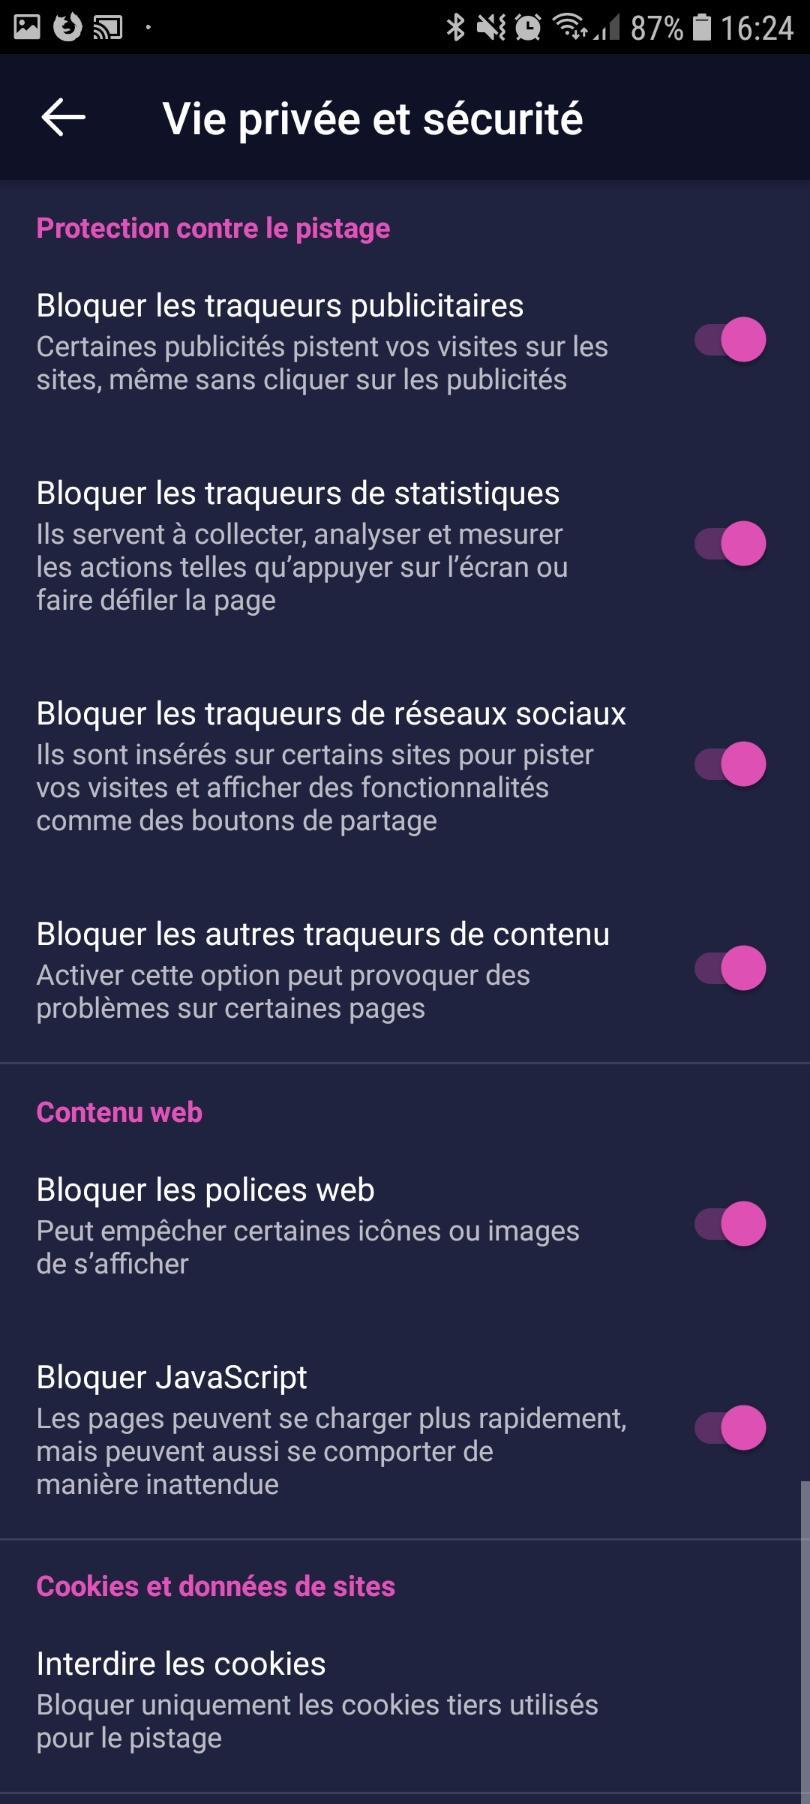 Paramètres Vie privée et sécurité de Firefox Docus pour Android